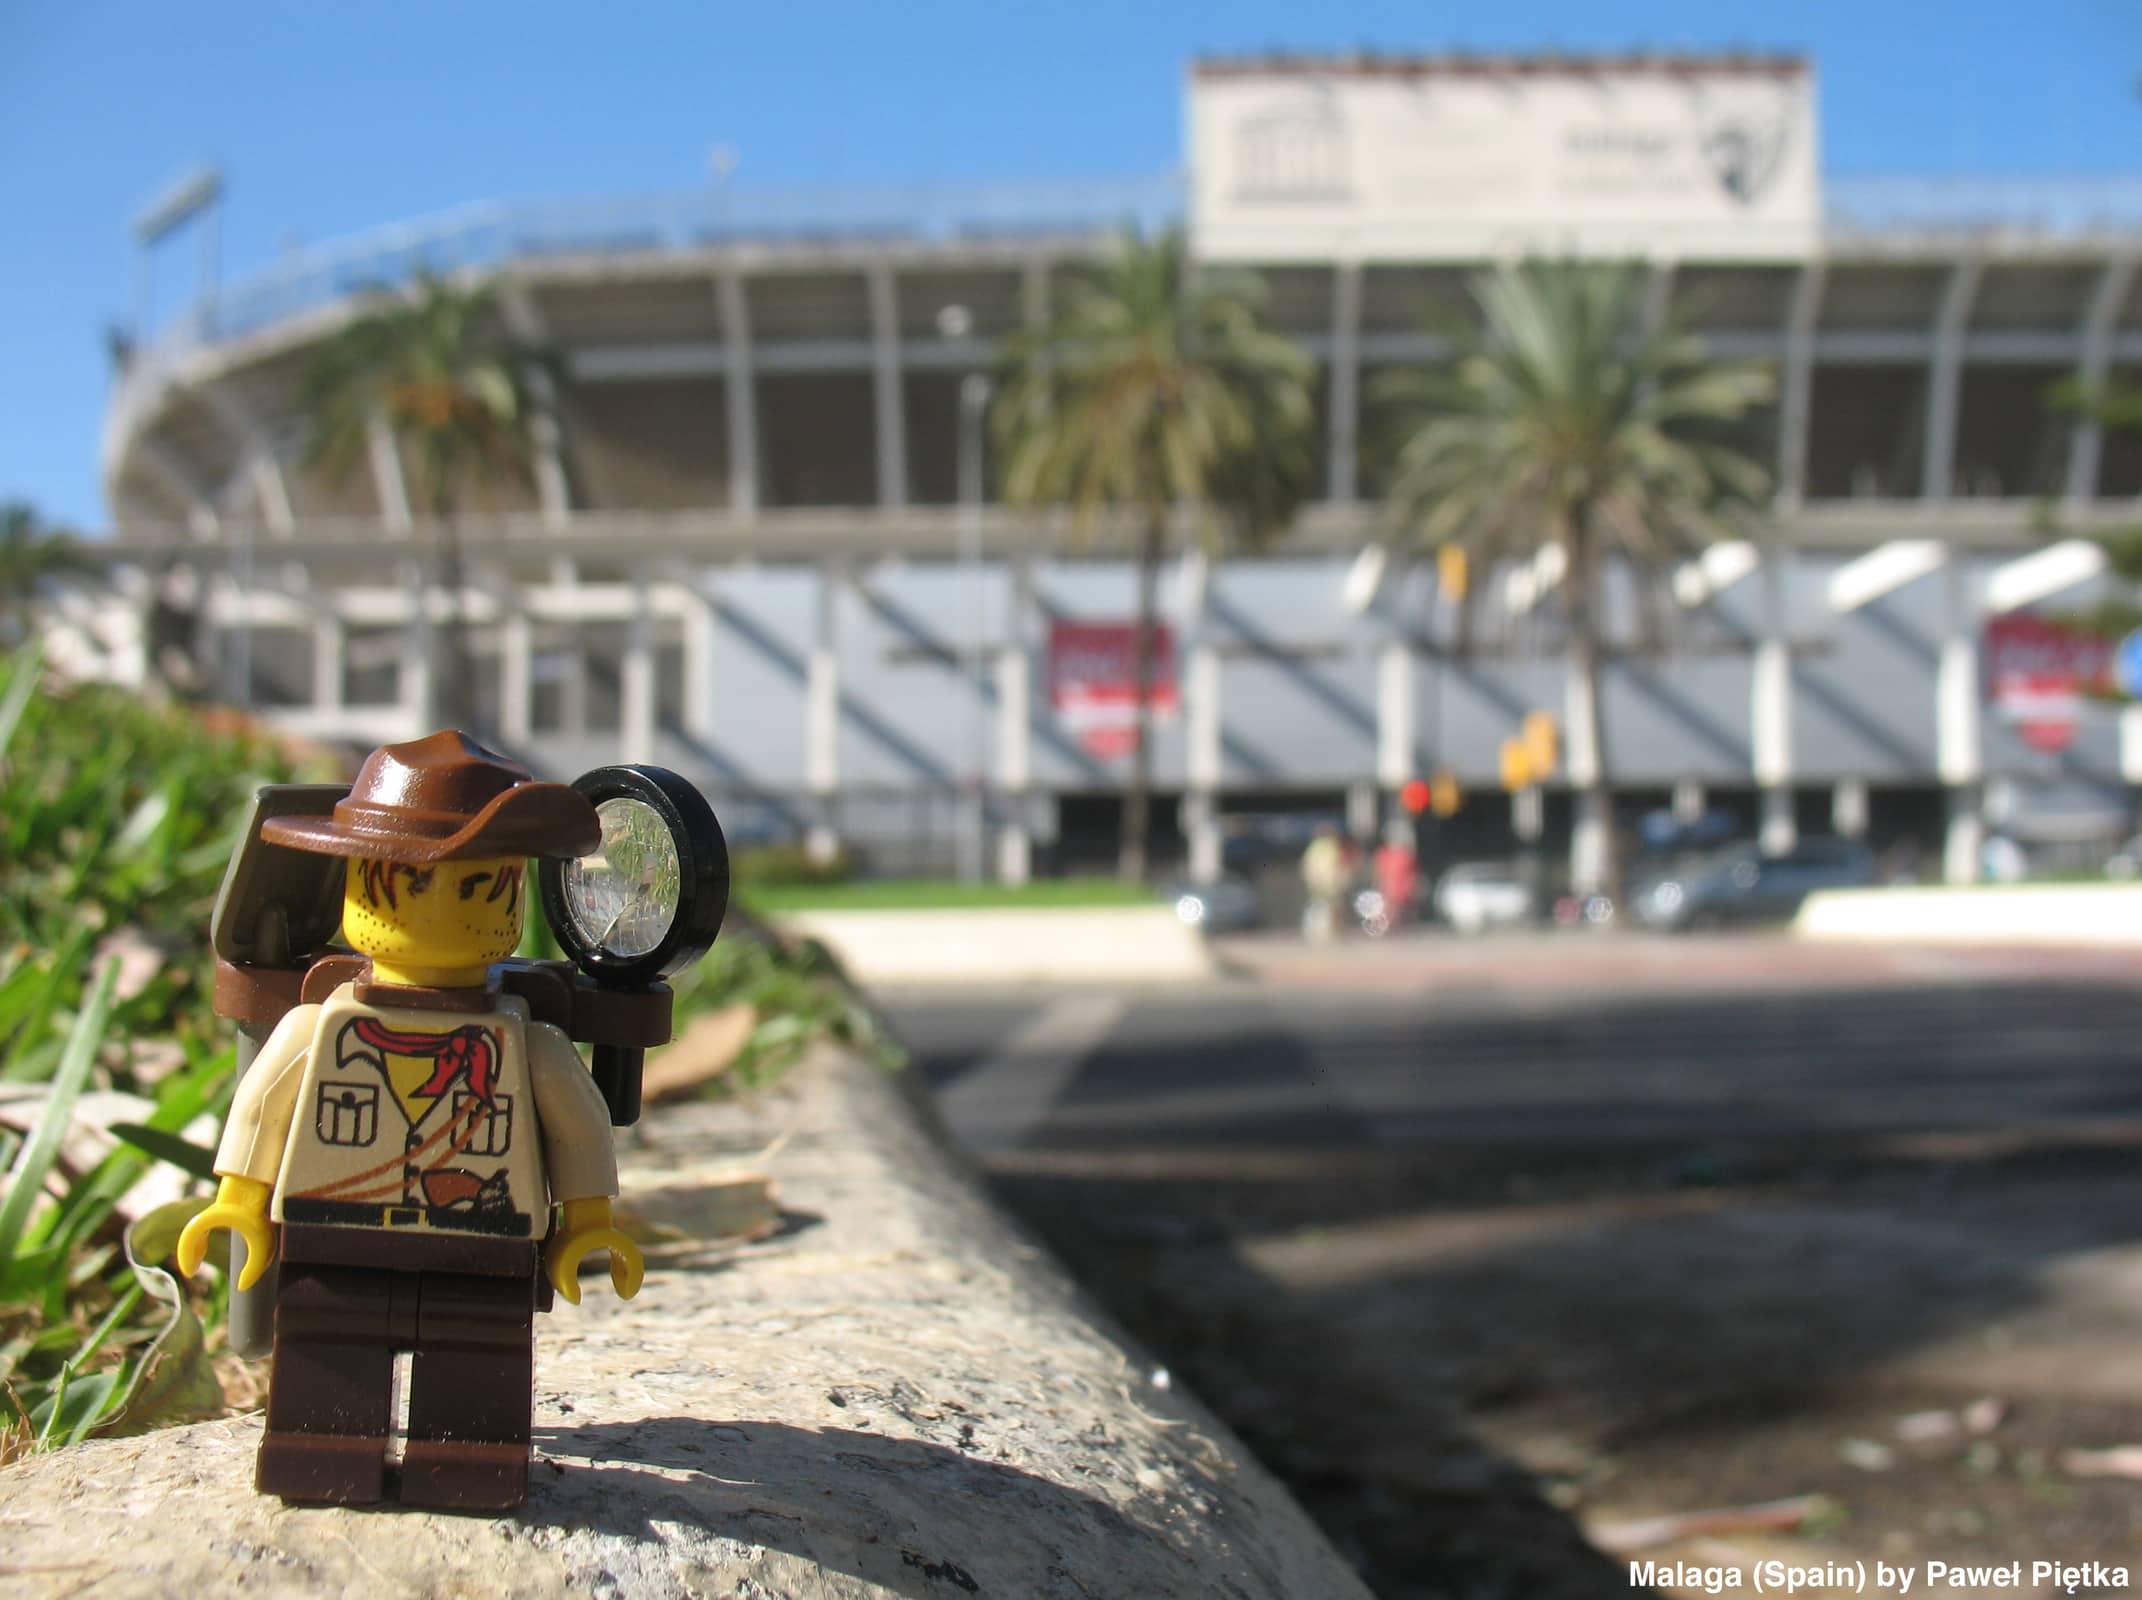 Malaga (Spain) - La Rosaleda stadium